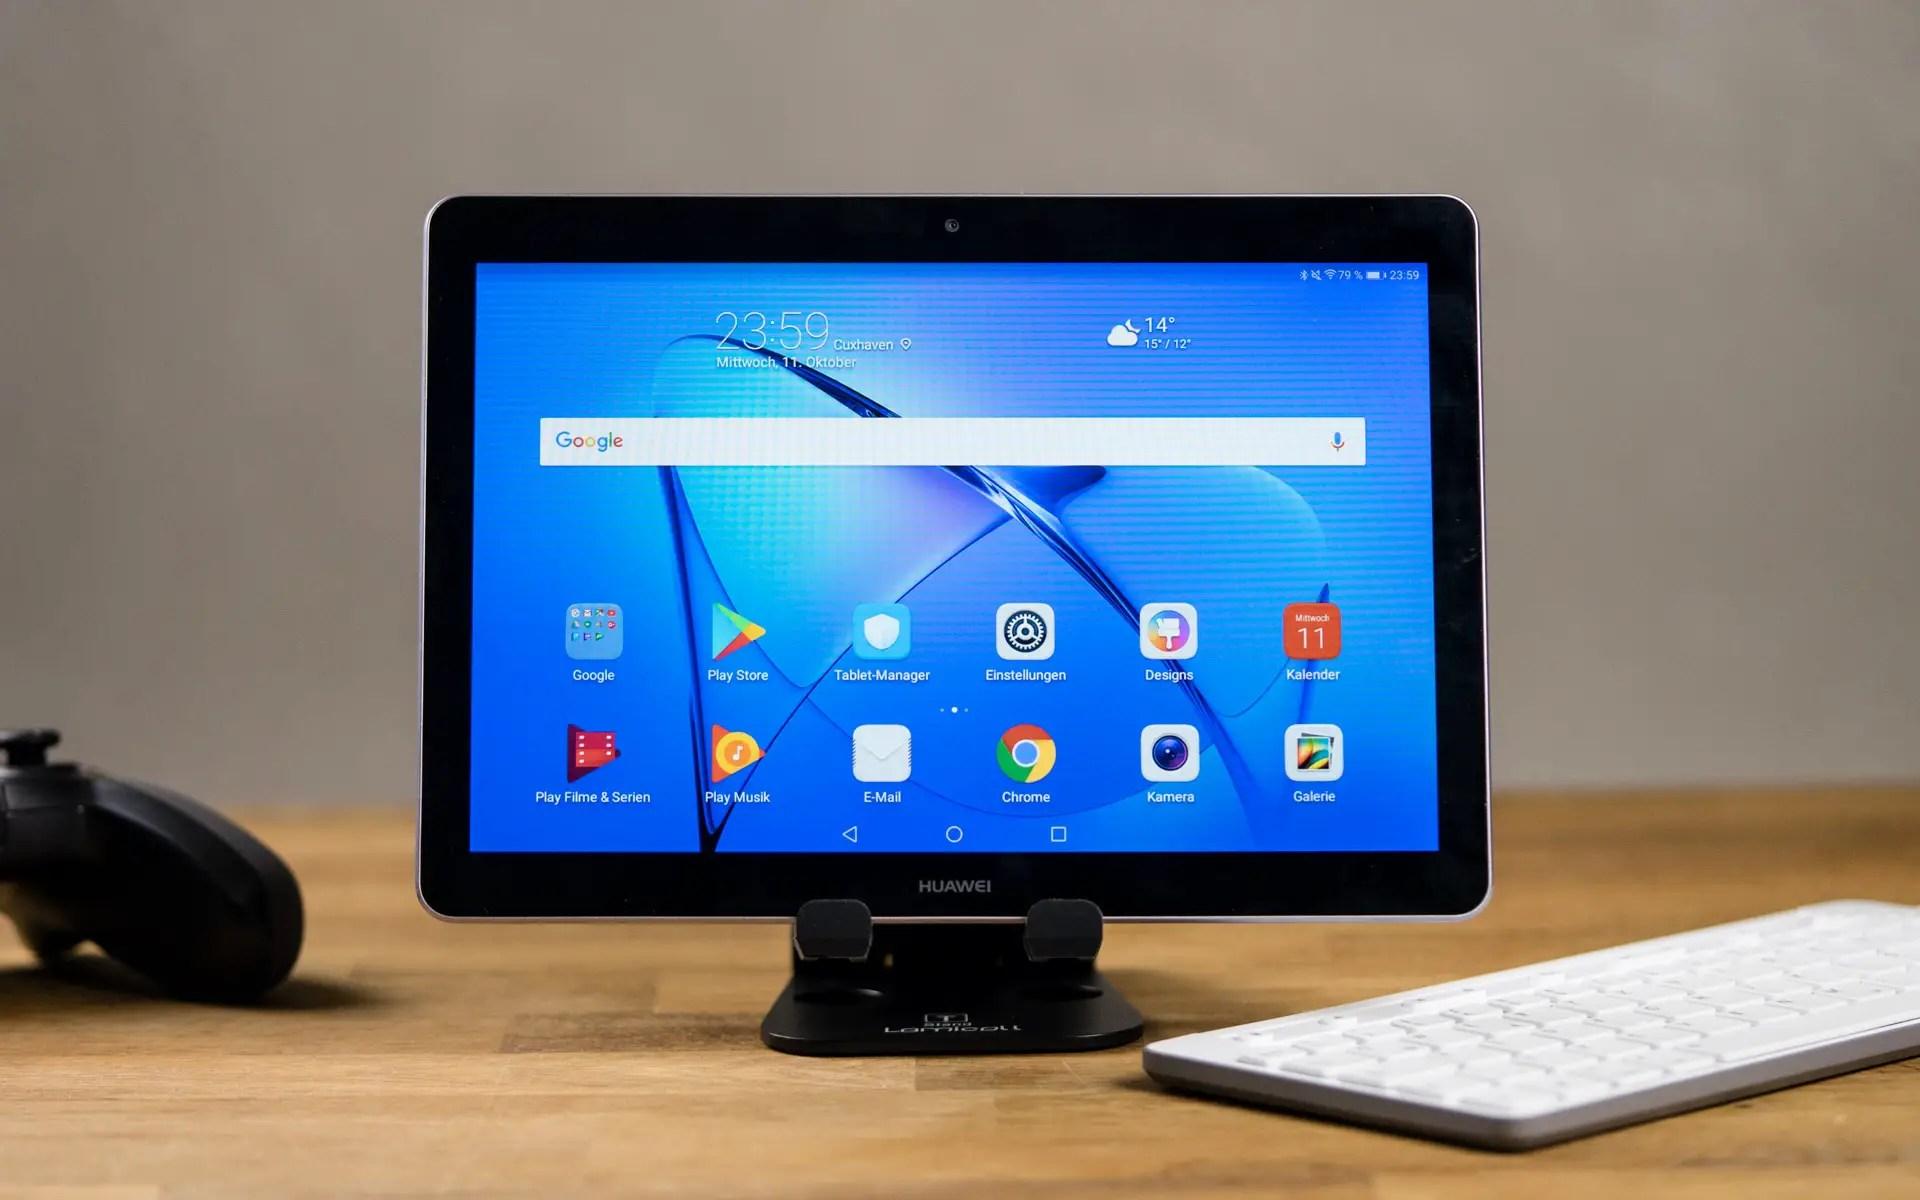 huawei mediapad t3 10 im test ein gutes und g nstiges tablet. Black Bedroom Furniture Sets. Home Design Ideas